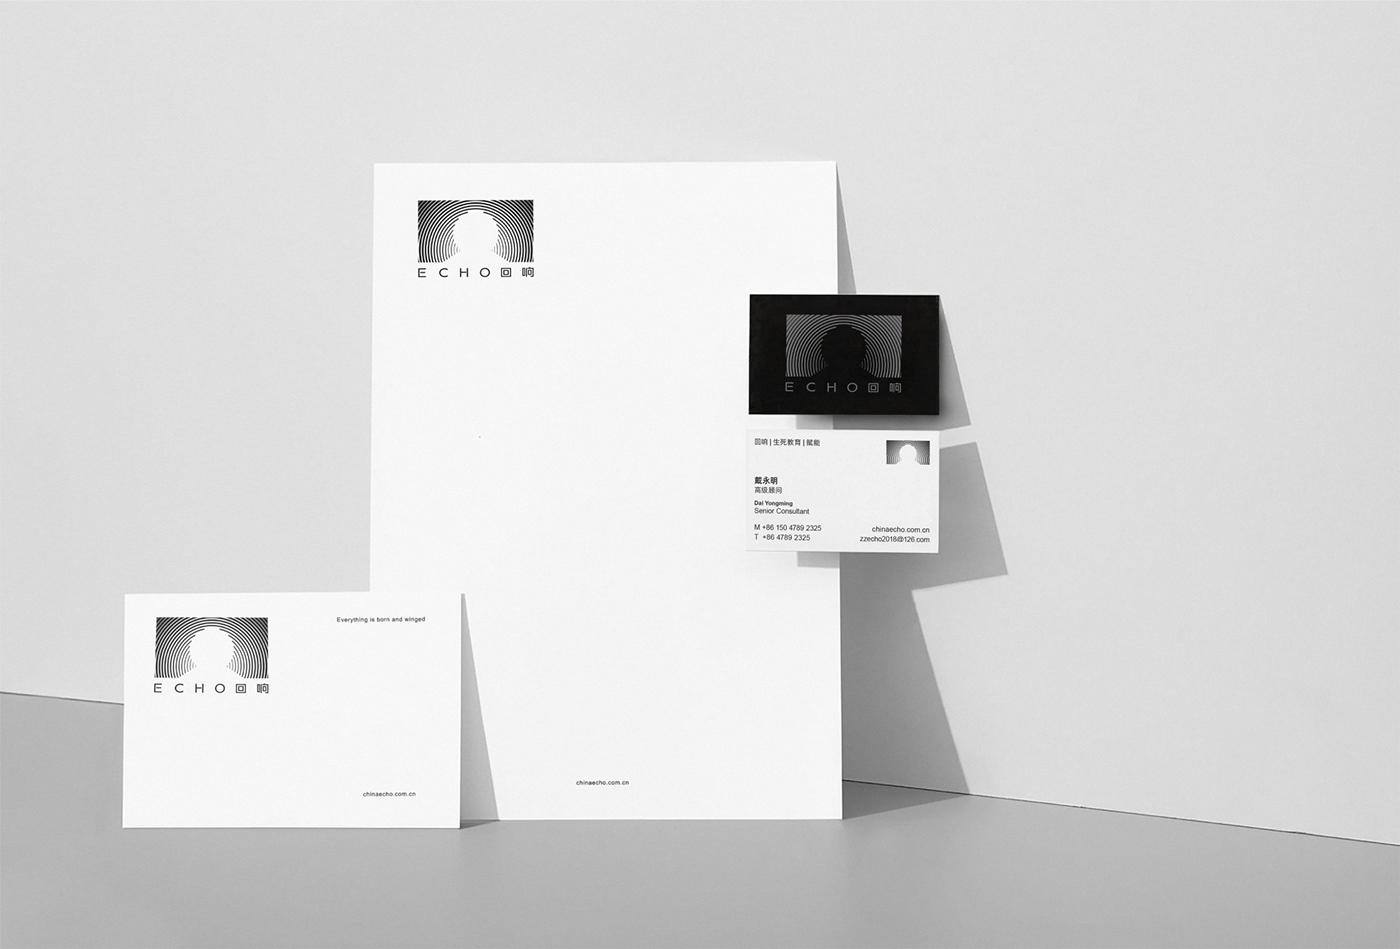 Image may contain: wall and print